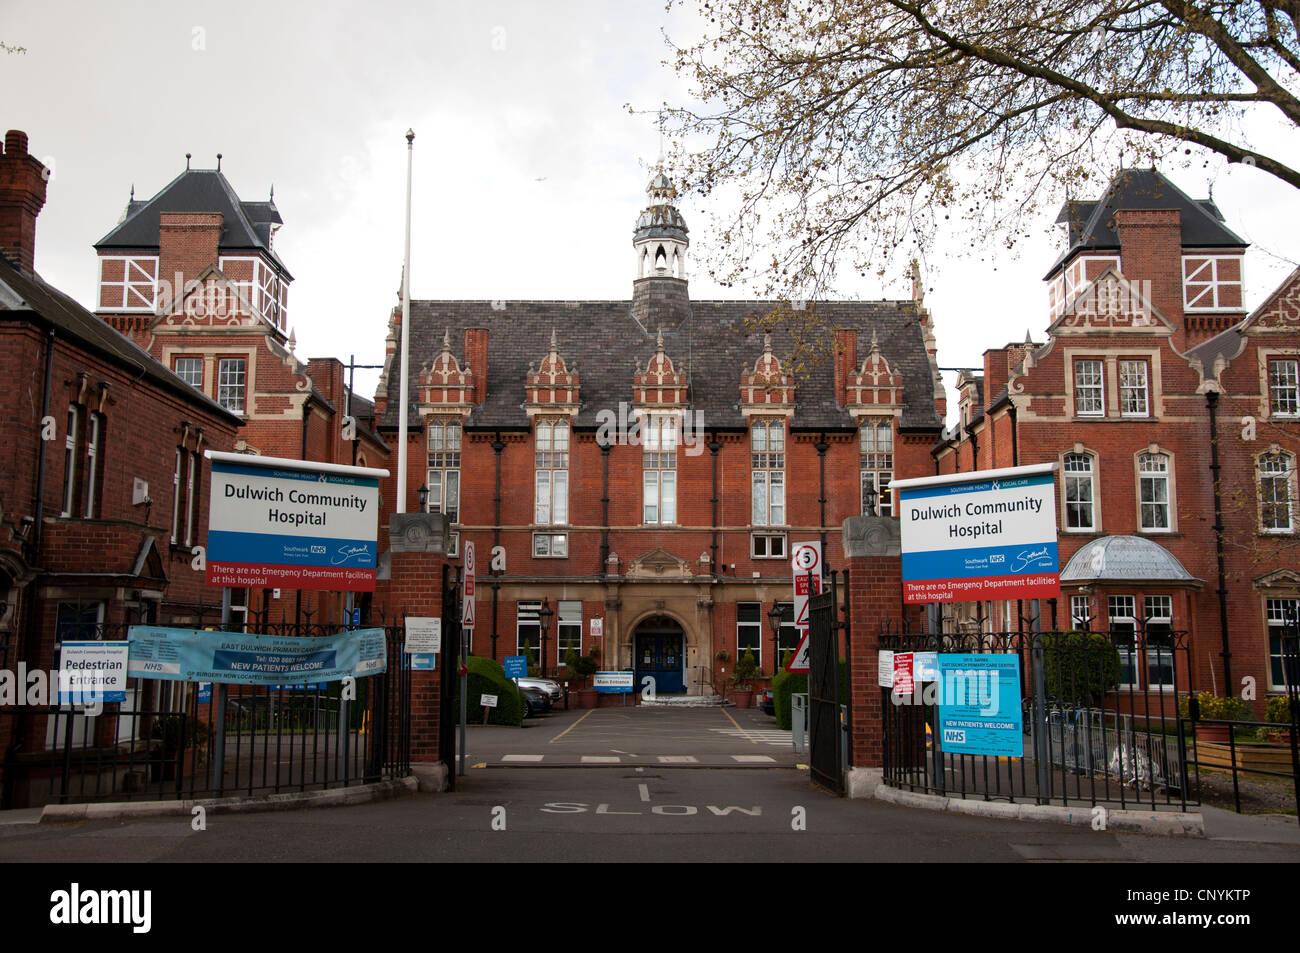 Dulwich Community Hospital - Stock Image